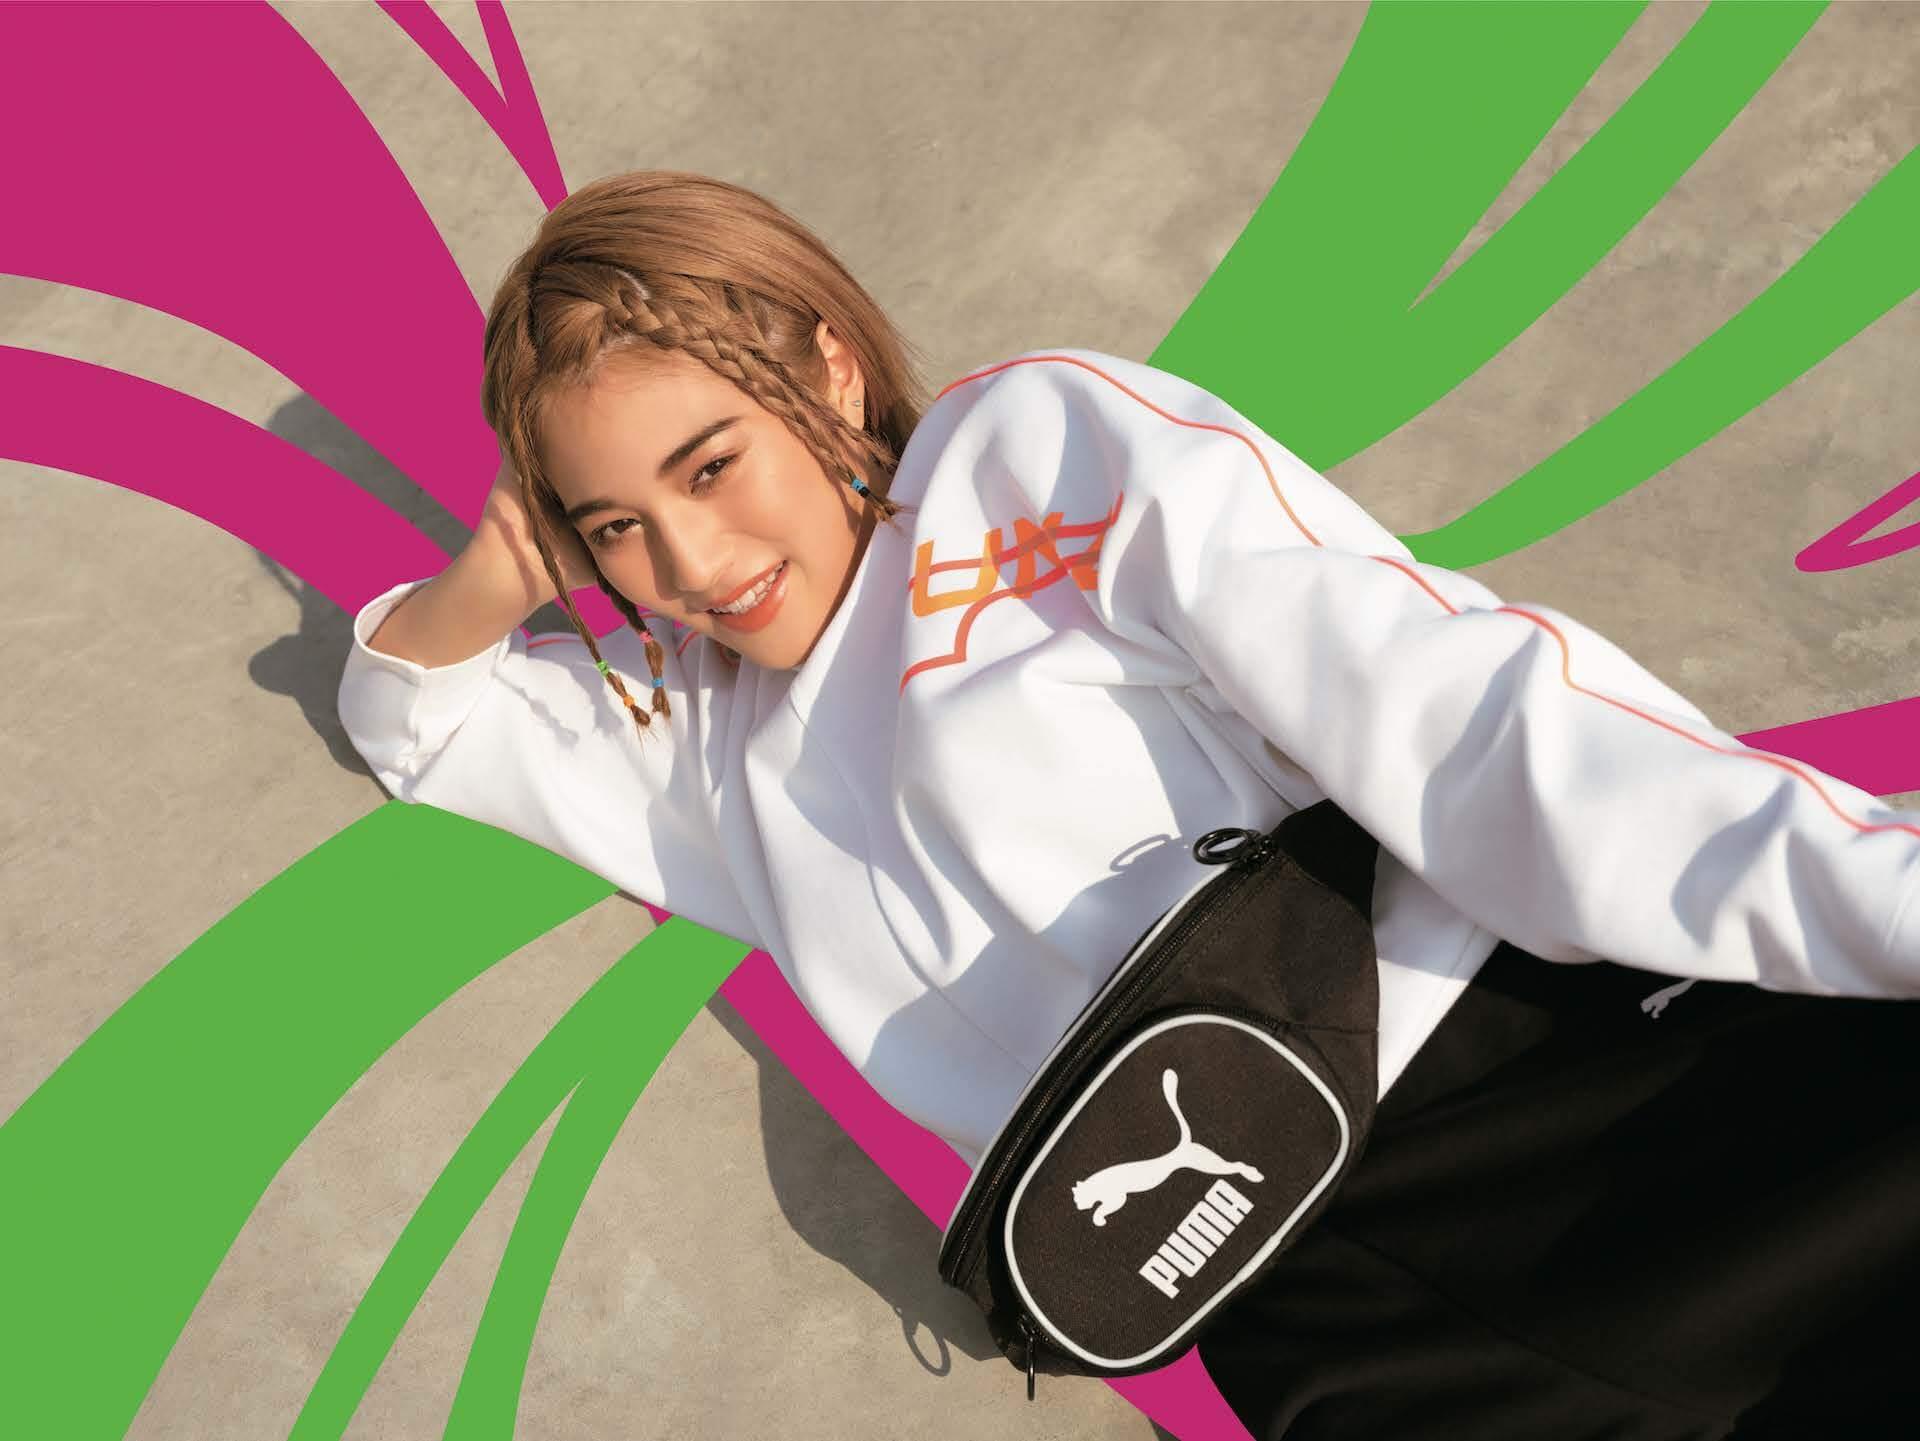 PUMA「RIDER」シリーズ最新作『FUTURE RIDER & STYLE RIDER』 藤田ニコルと浪花ほのかが登場するLOOKが公開! lf200421_puma_rider_05